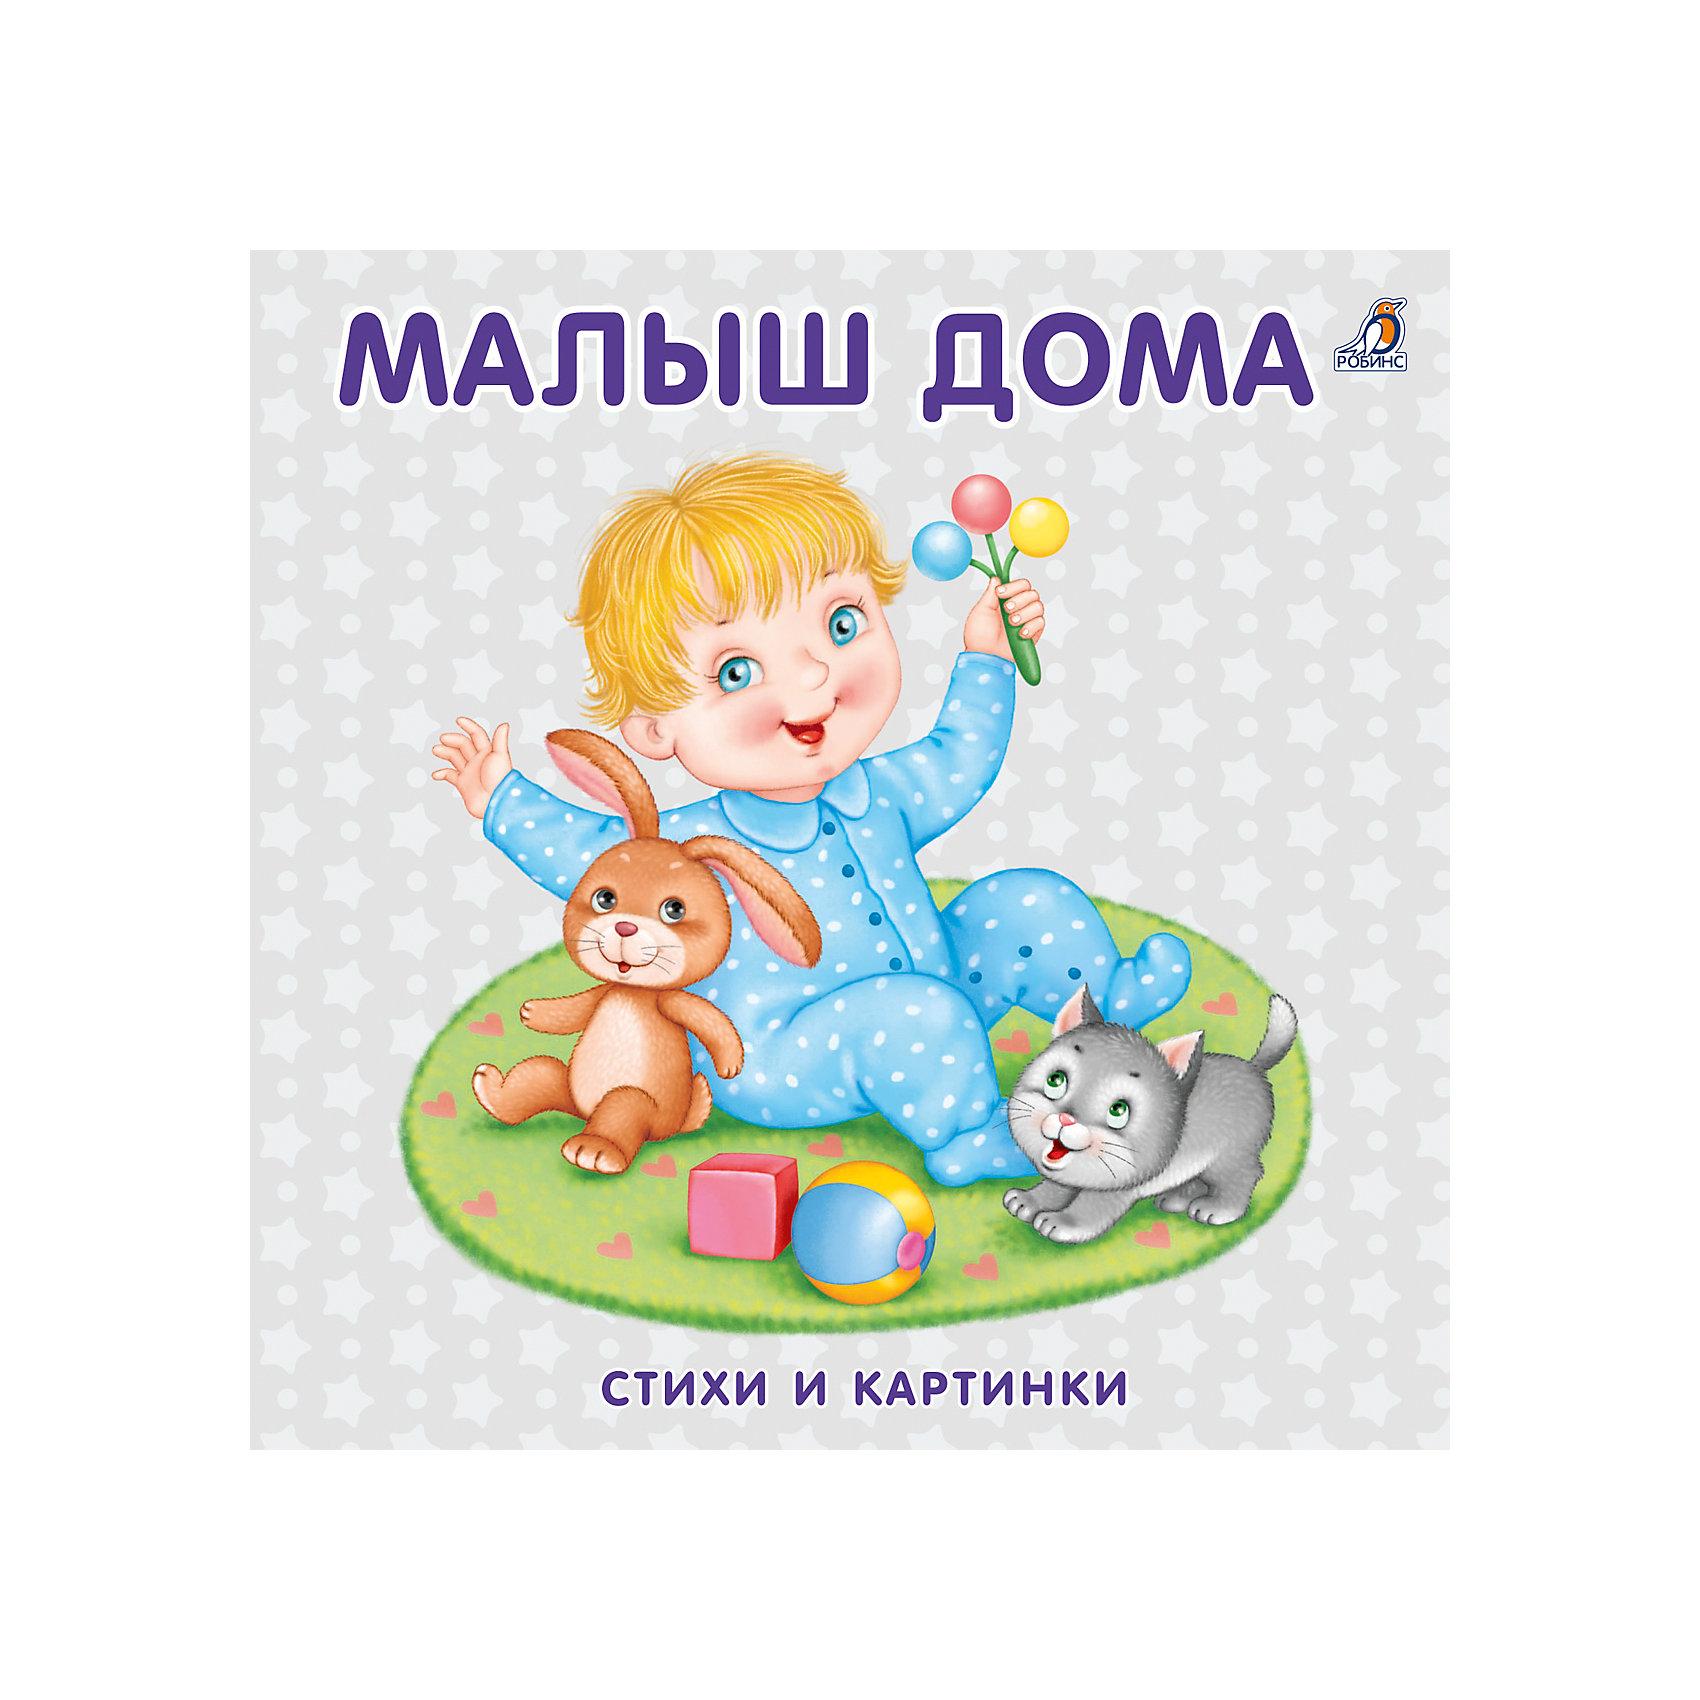 Книжки-картонка Малыш домаПервые книги малыша<br>Это настоящий подарок для любопытного и любознательного малыша.<br>На каждой страничке книжки ваш ребёнок найдёт добрые стихи и забавные картинки обо всём, что окружает малыша дома. <br>Играя с книжкой, он будет развивать мелкую моторику и зрение, тренировать память, внимание и мышление. <br>С этой книжкой малыш весело проведёт время и пополнит свой первый словарный запас, расширит кругозор, повысит свою эмоциональную активность.<br><br>Ширина мм: 140<br>Глубина мм: 140<br>Высота мм: 13<br>Вес г: 140<br>Возраст от месяцев: 12<br>Возраст до месяцев: 60<br>Пол: Унисекс<br>Возраст: Детский<br>SKU: 5034133